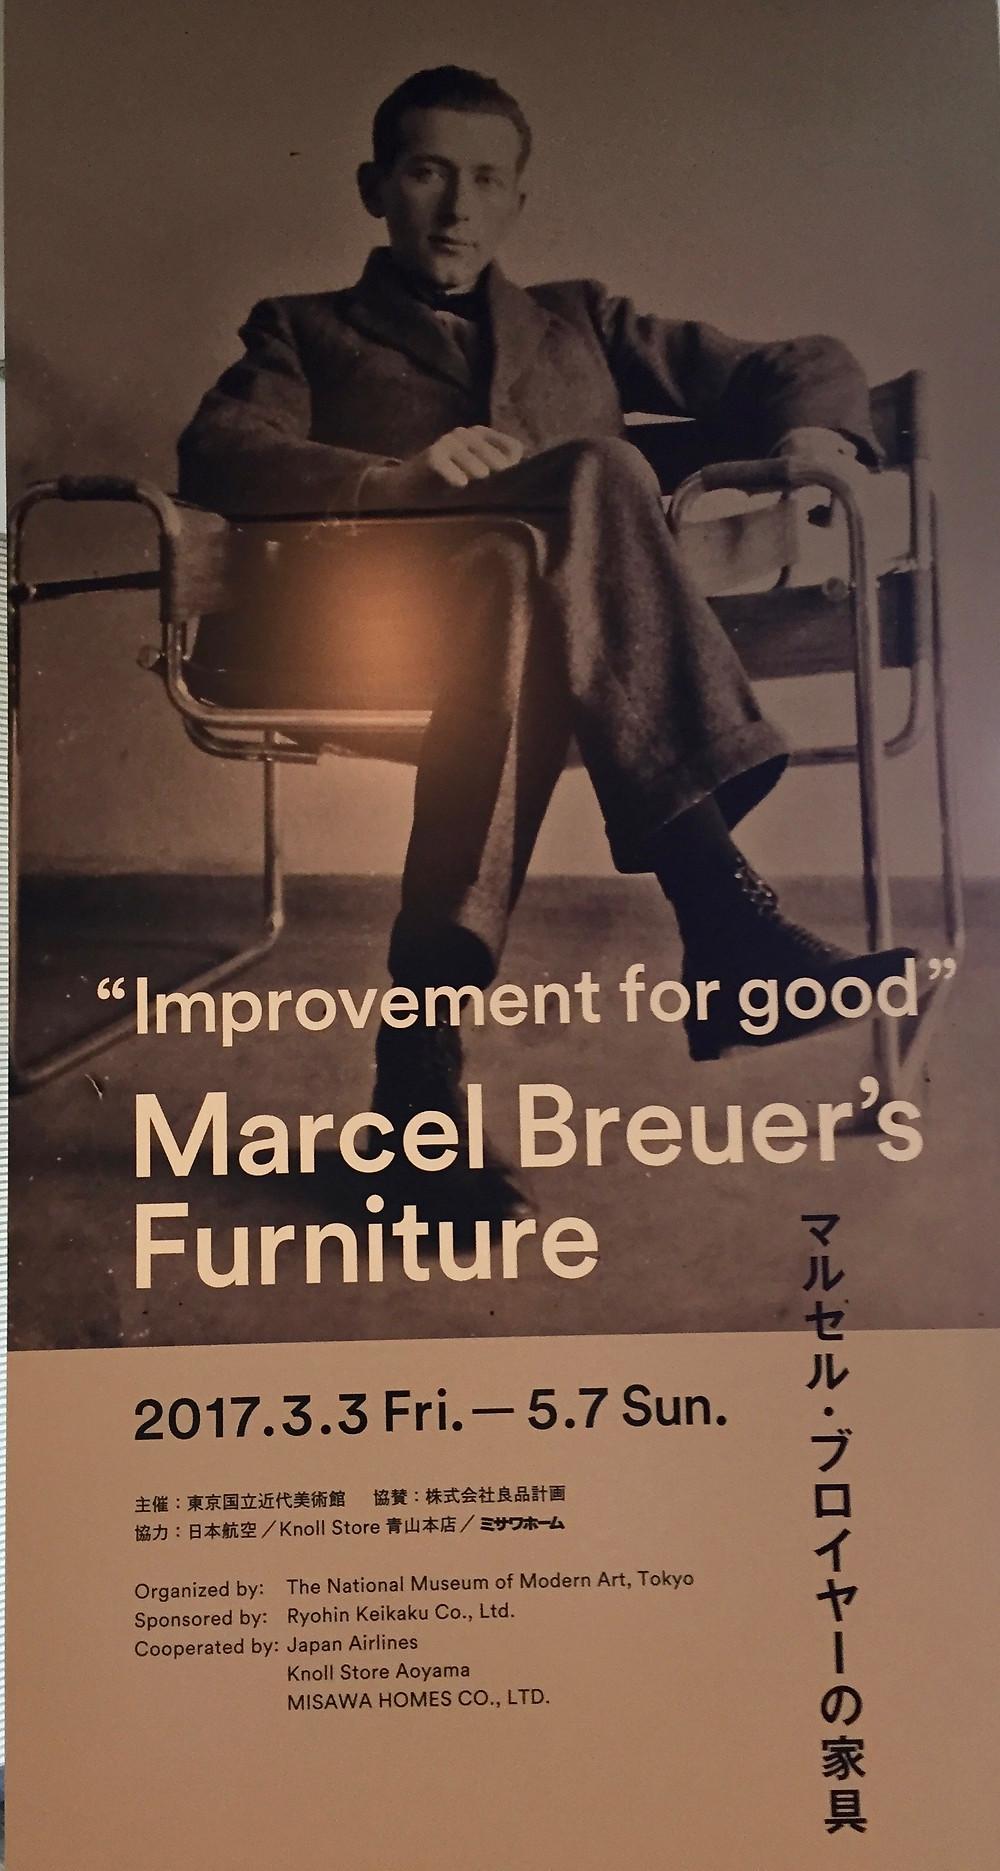 マルセルブロイヤーの家具展にて。インテリアコーディネーターのブログ。